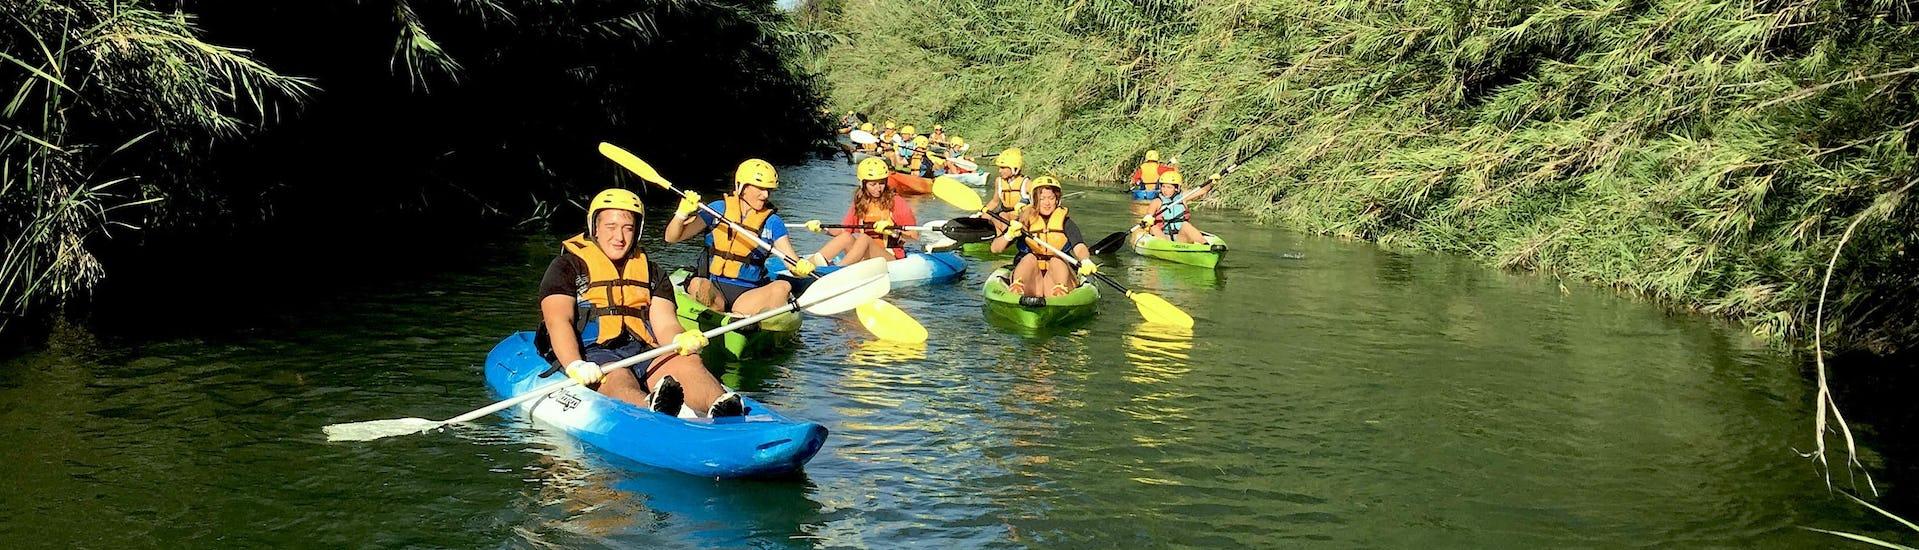 Kayak Tour- Río Turia